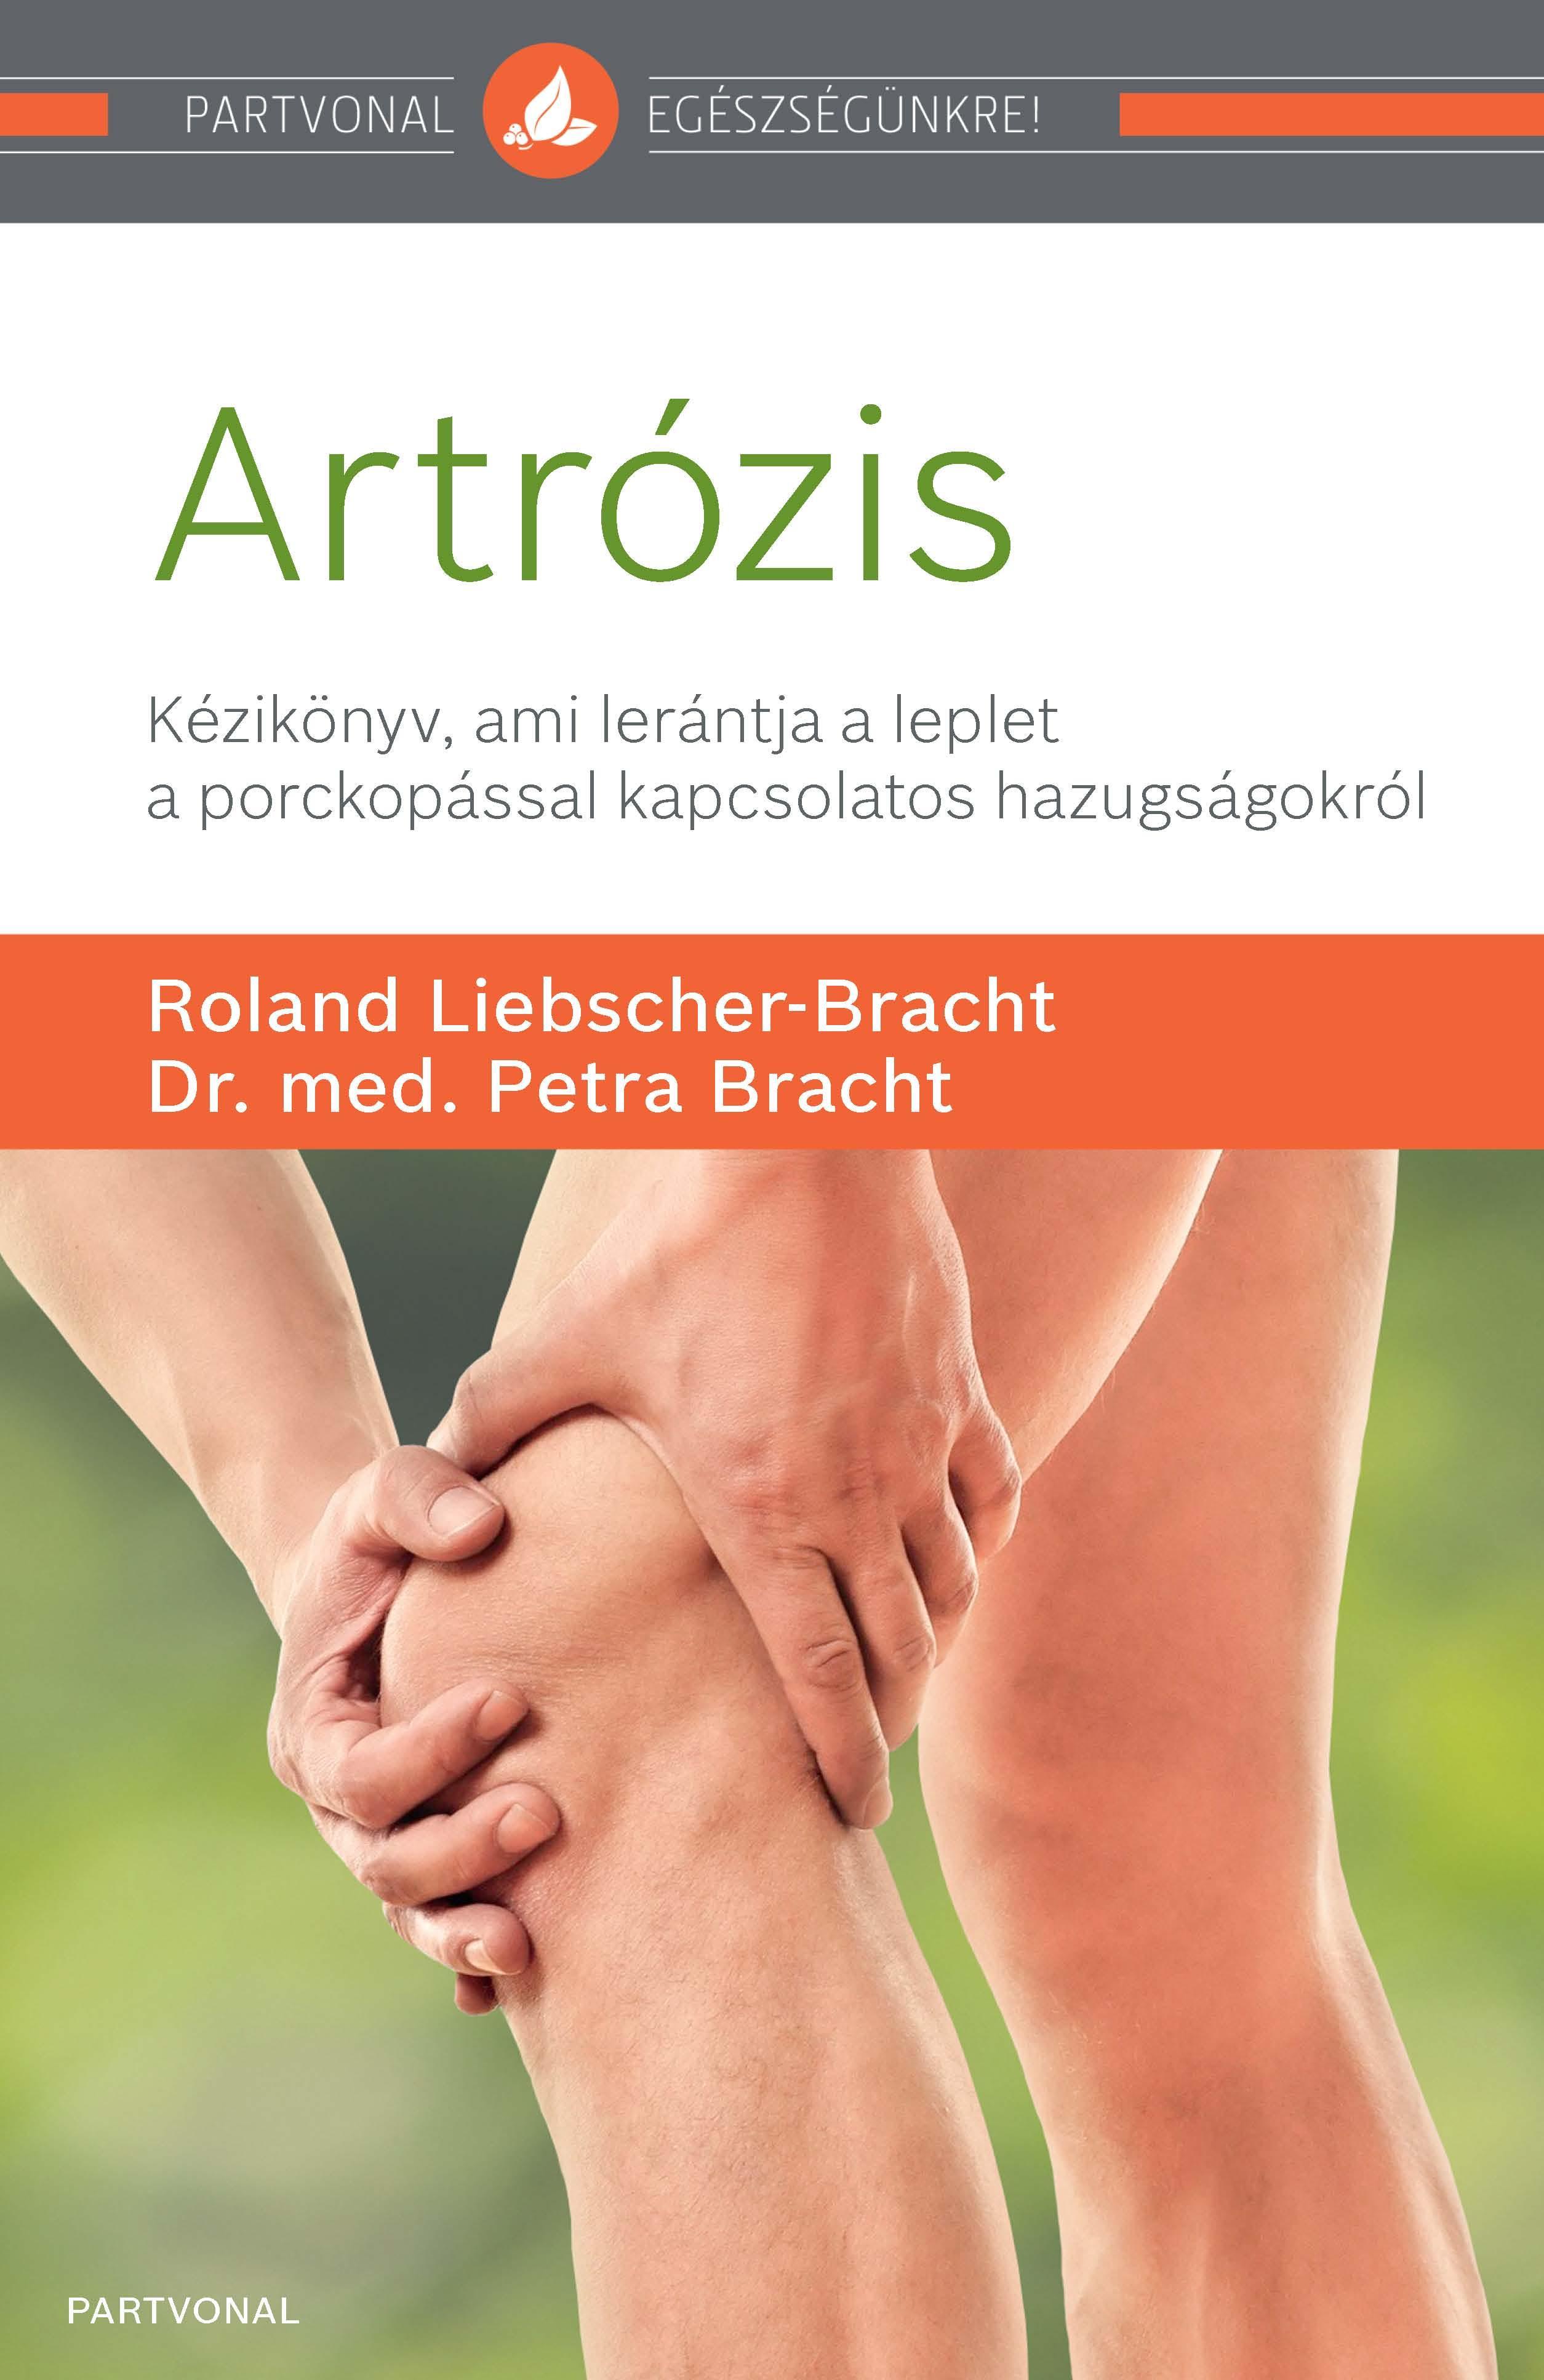 artrózisos kezelés dexametazonnal